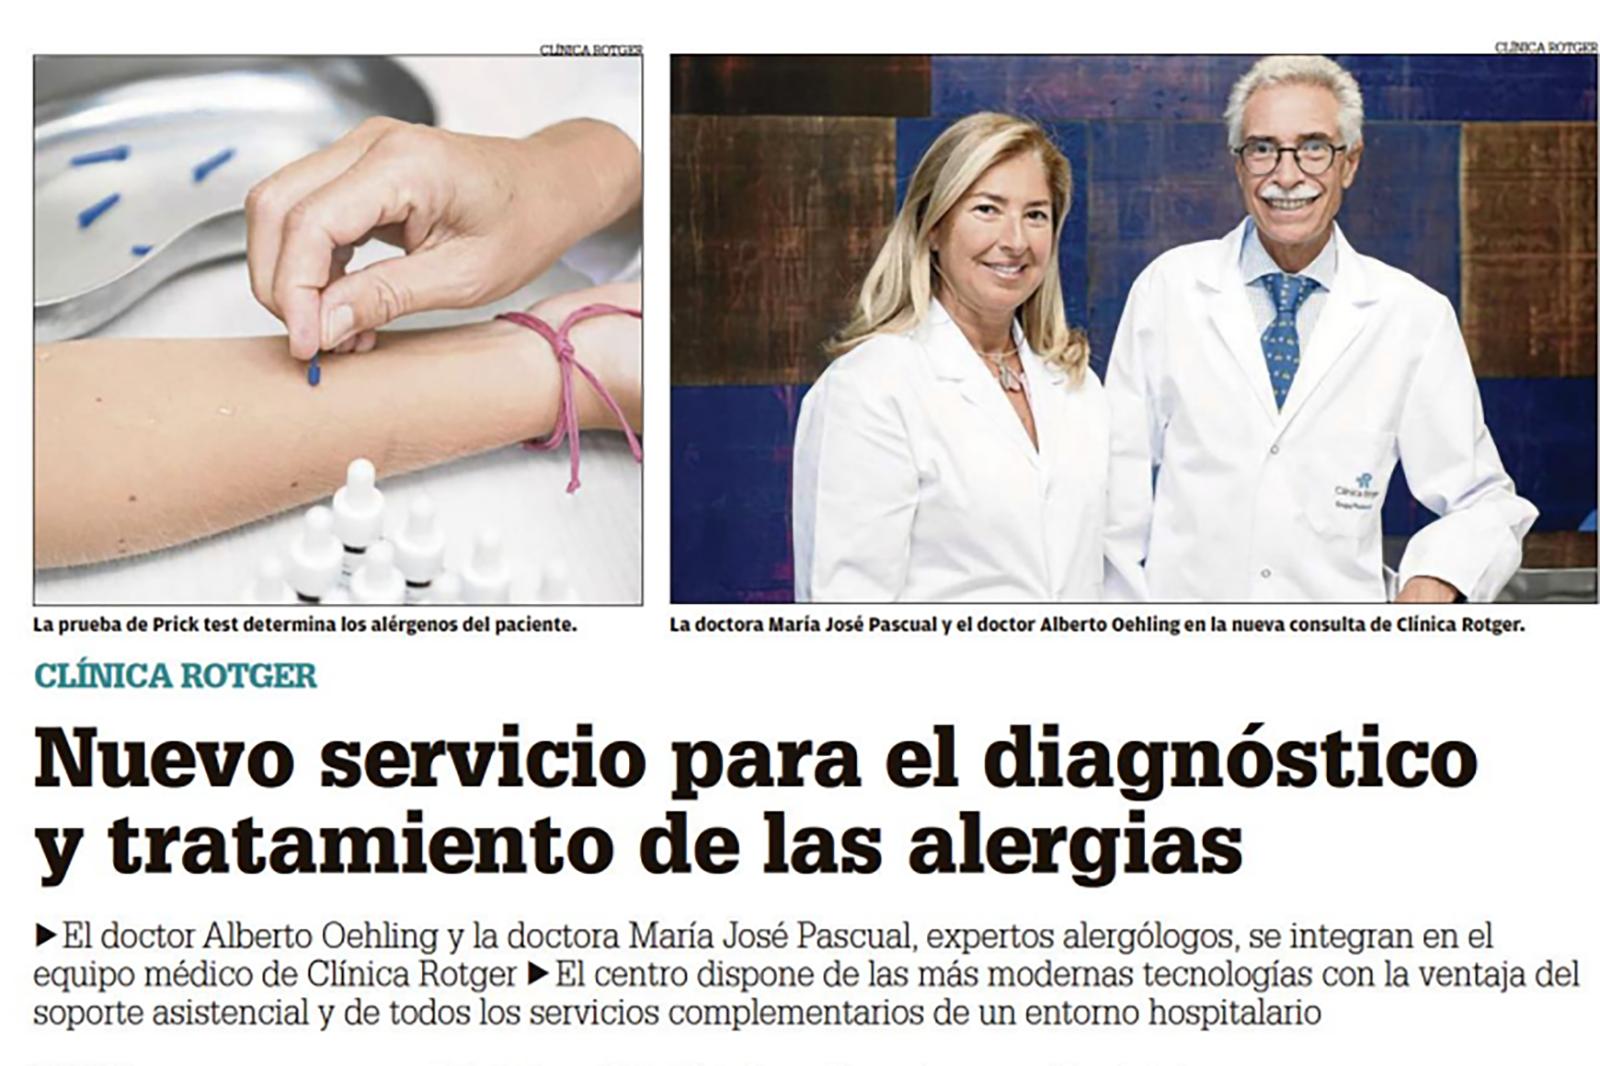 Nuevo servicio para el diagnóstico y tratamiento de las alergias.